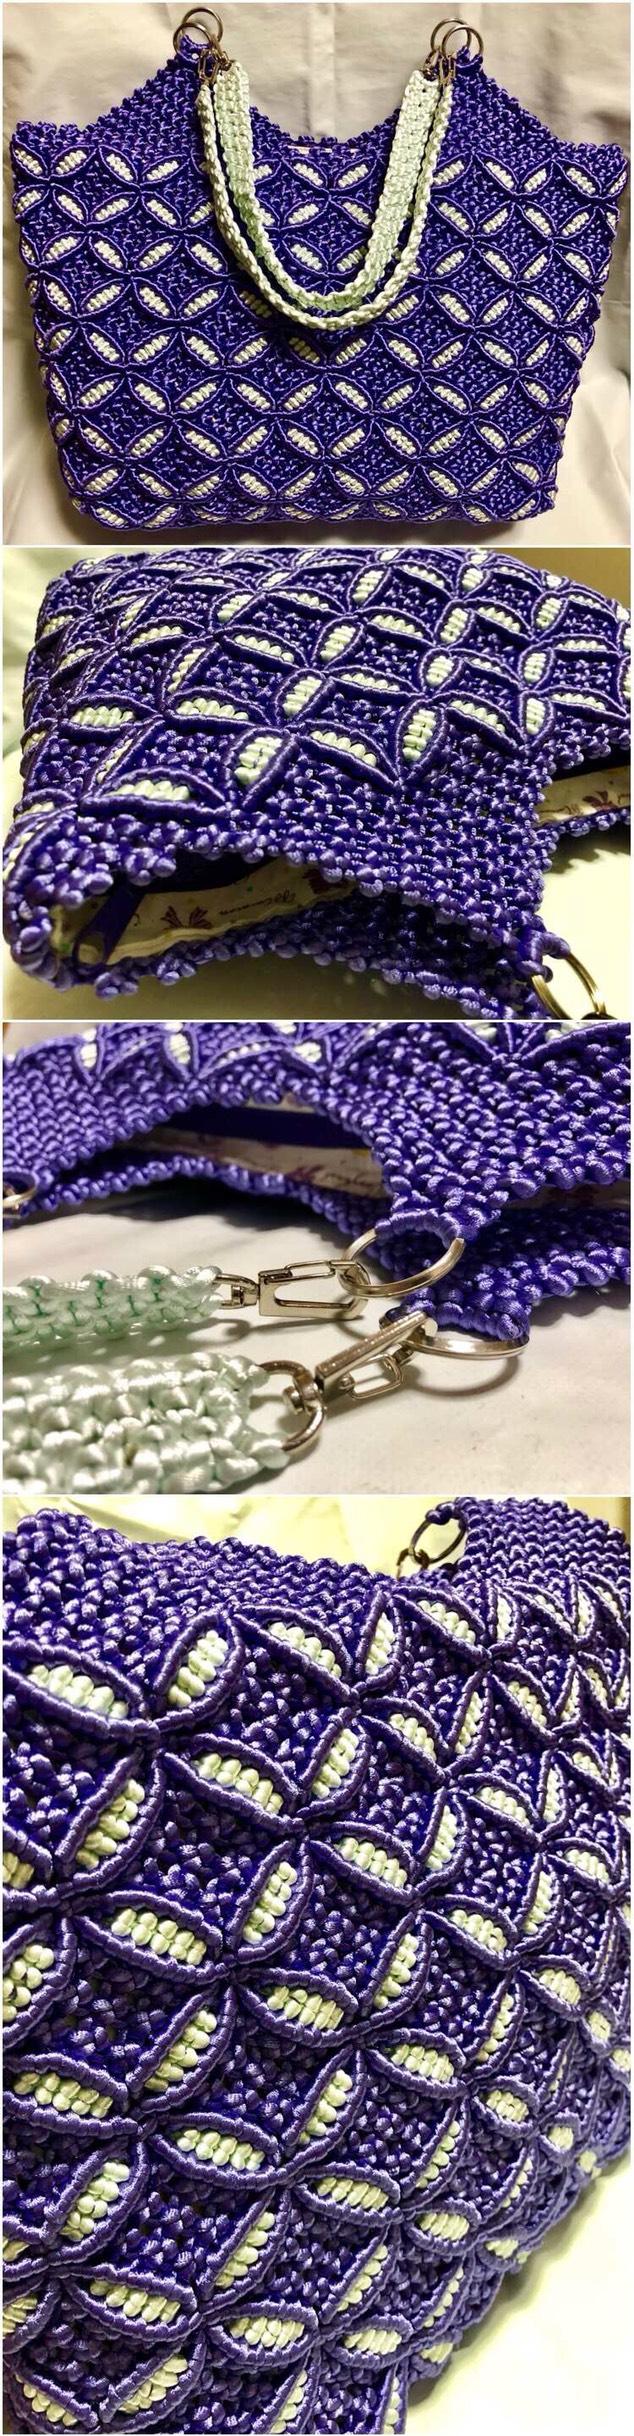 中国结论坛 仿制国外的绳编包包,有几个部分缝制拉链内袋也针线缝合一起哦 仿制,国外,包包,几个,部分 作品展示 063757u4szctlsbsvecatx